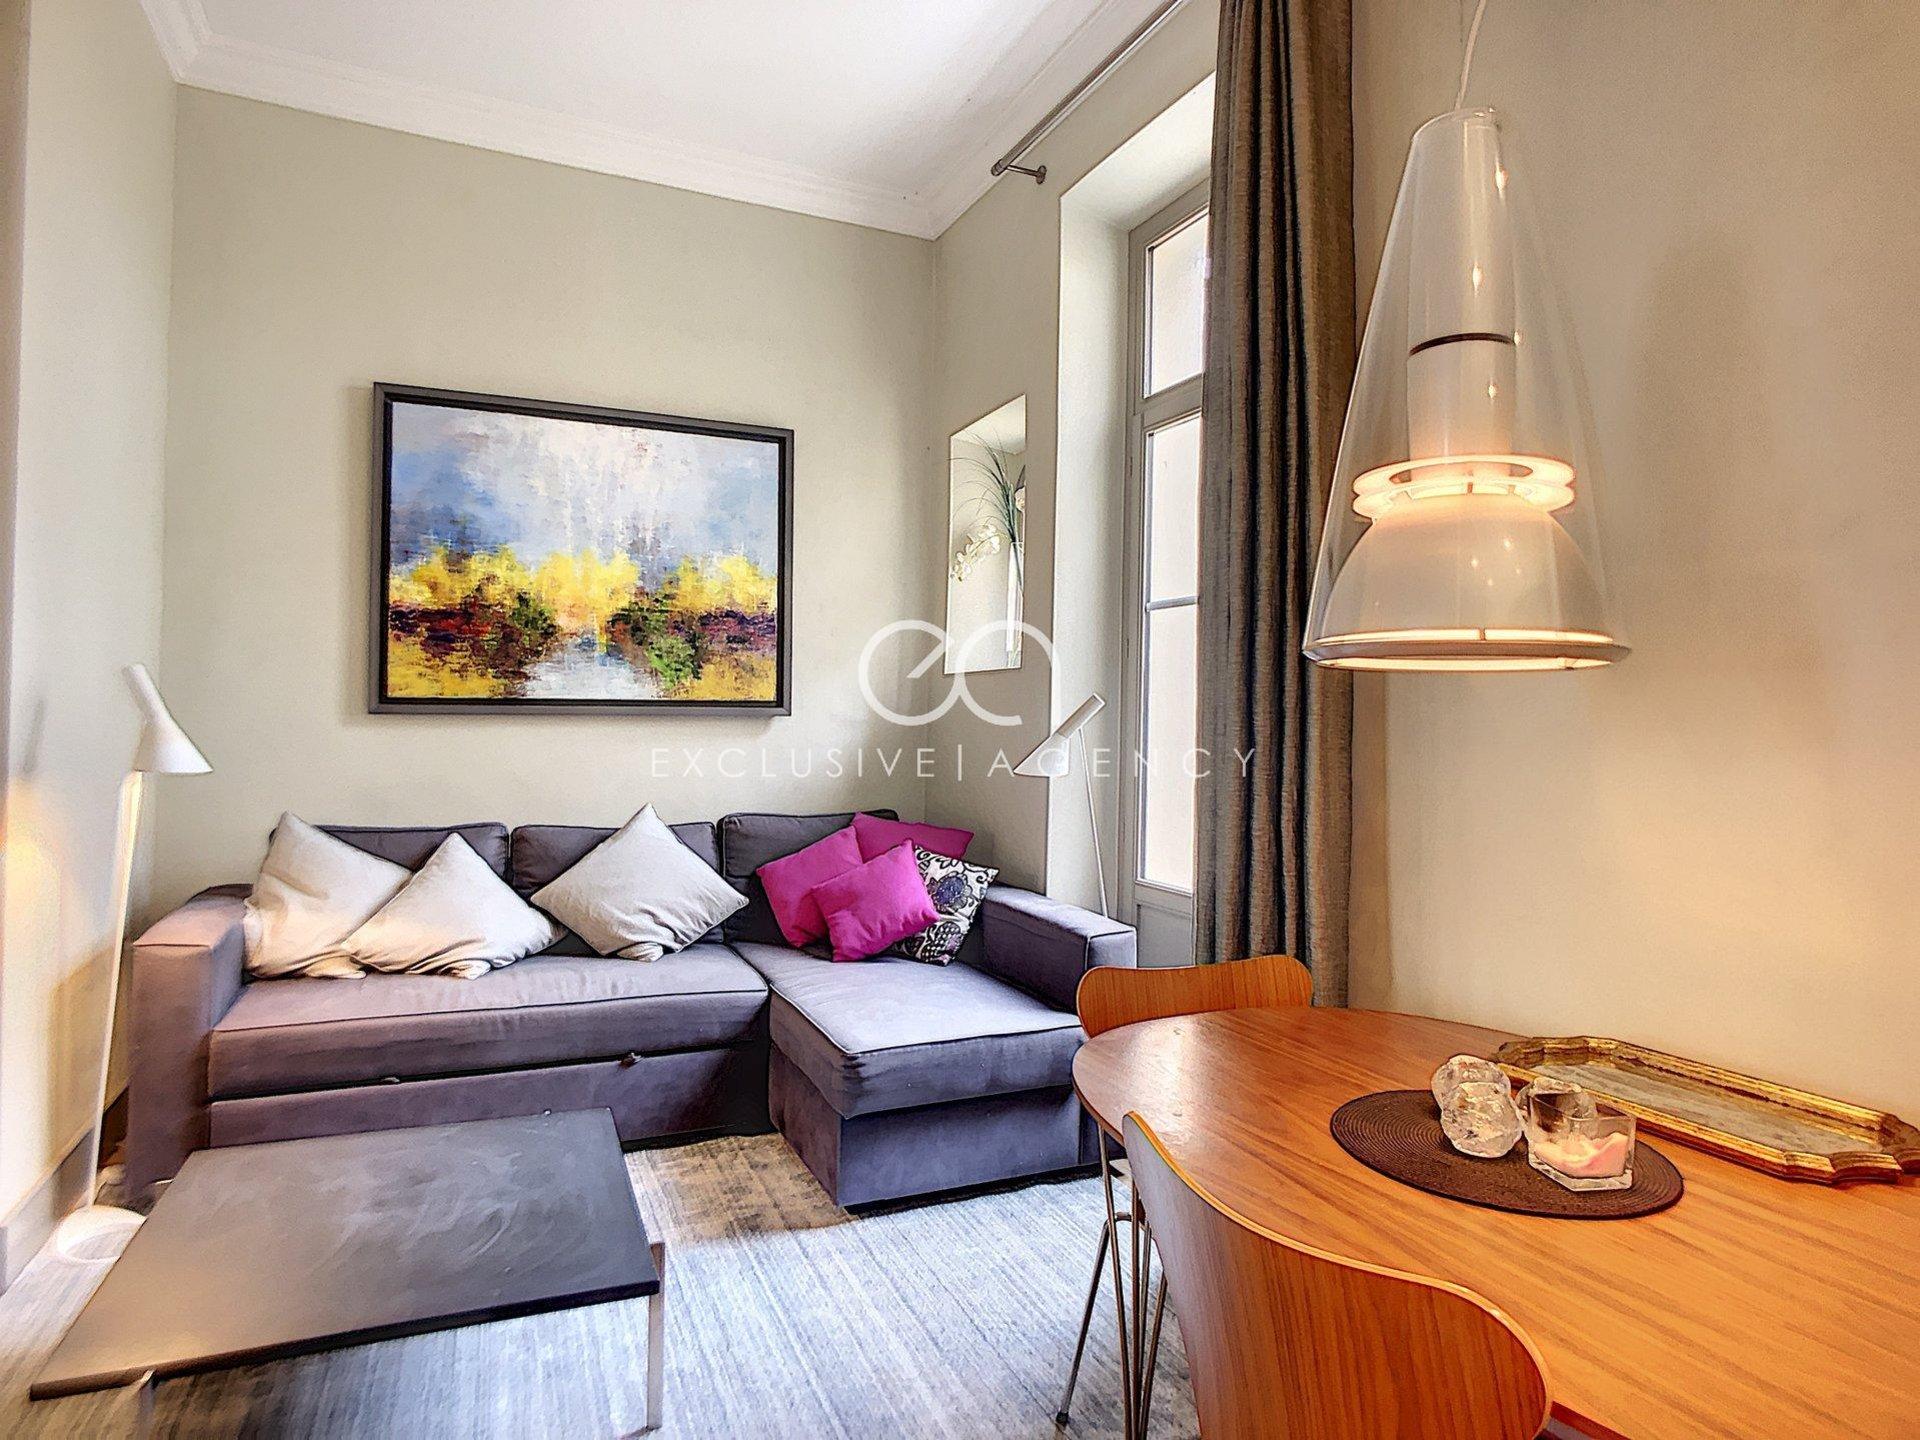 Location saisonnière ou congrès à Cannes Centre rue d'Antibes 2 pièces de 45 m² avec terrasse équipée de 18 m².